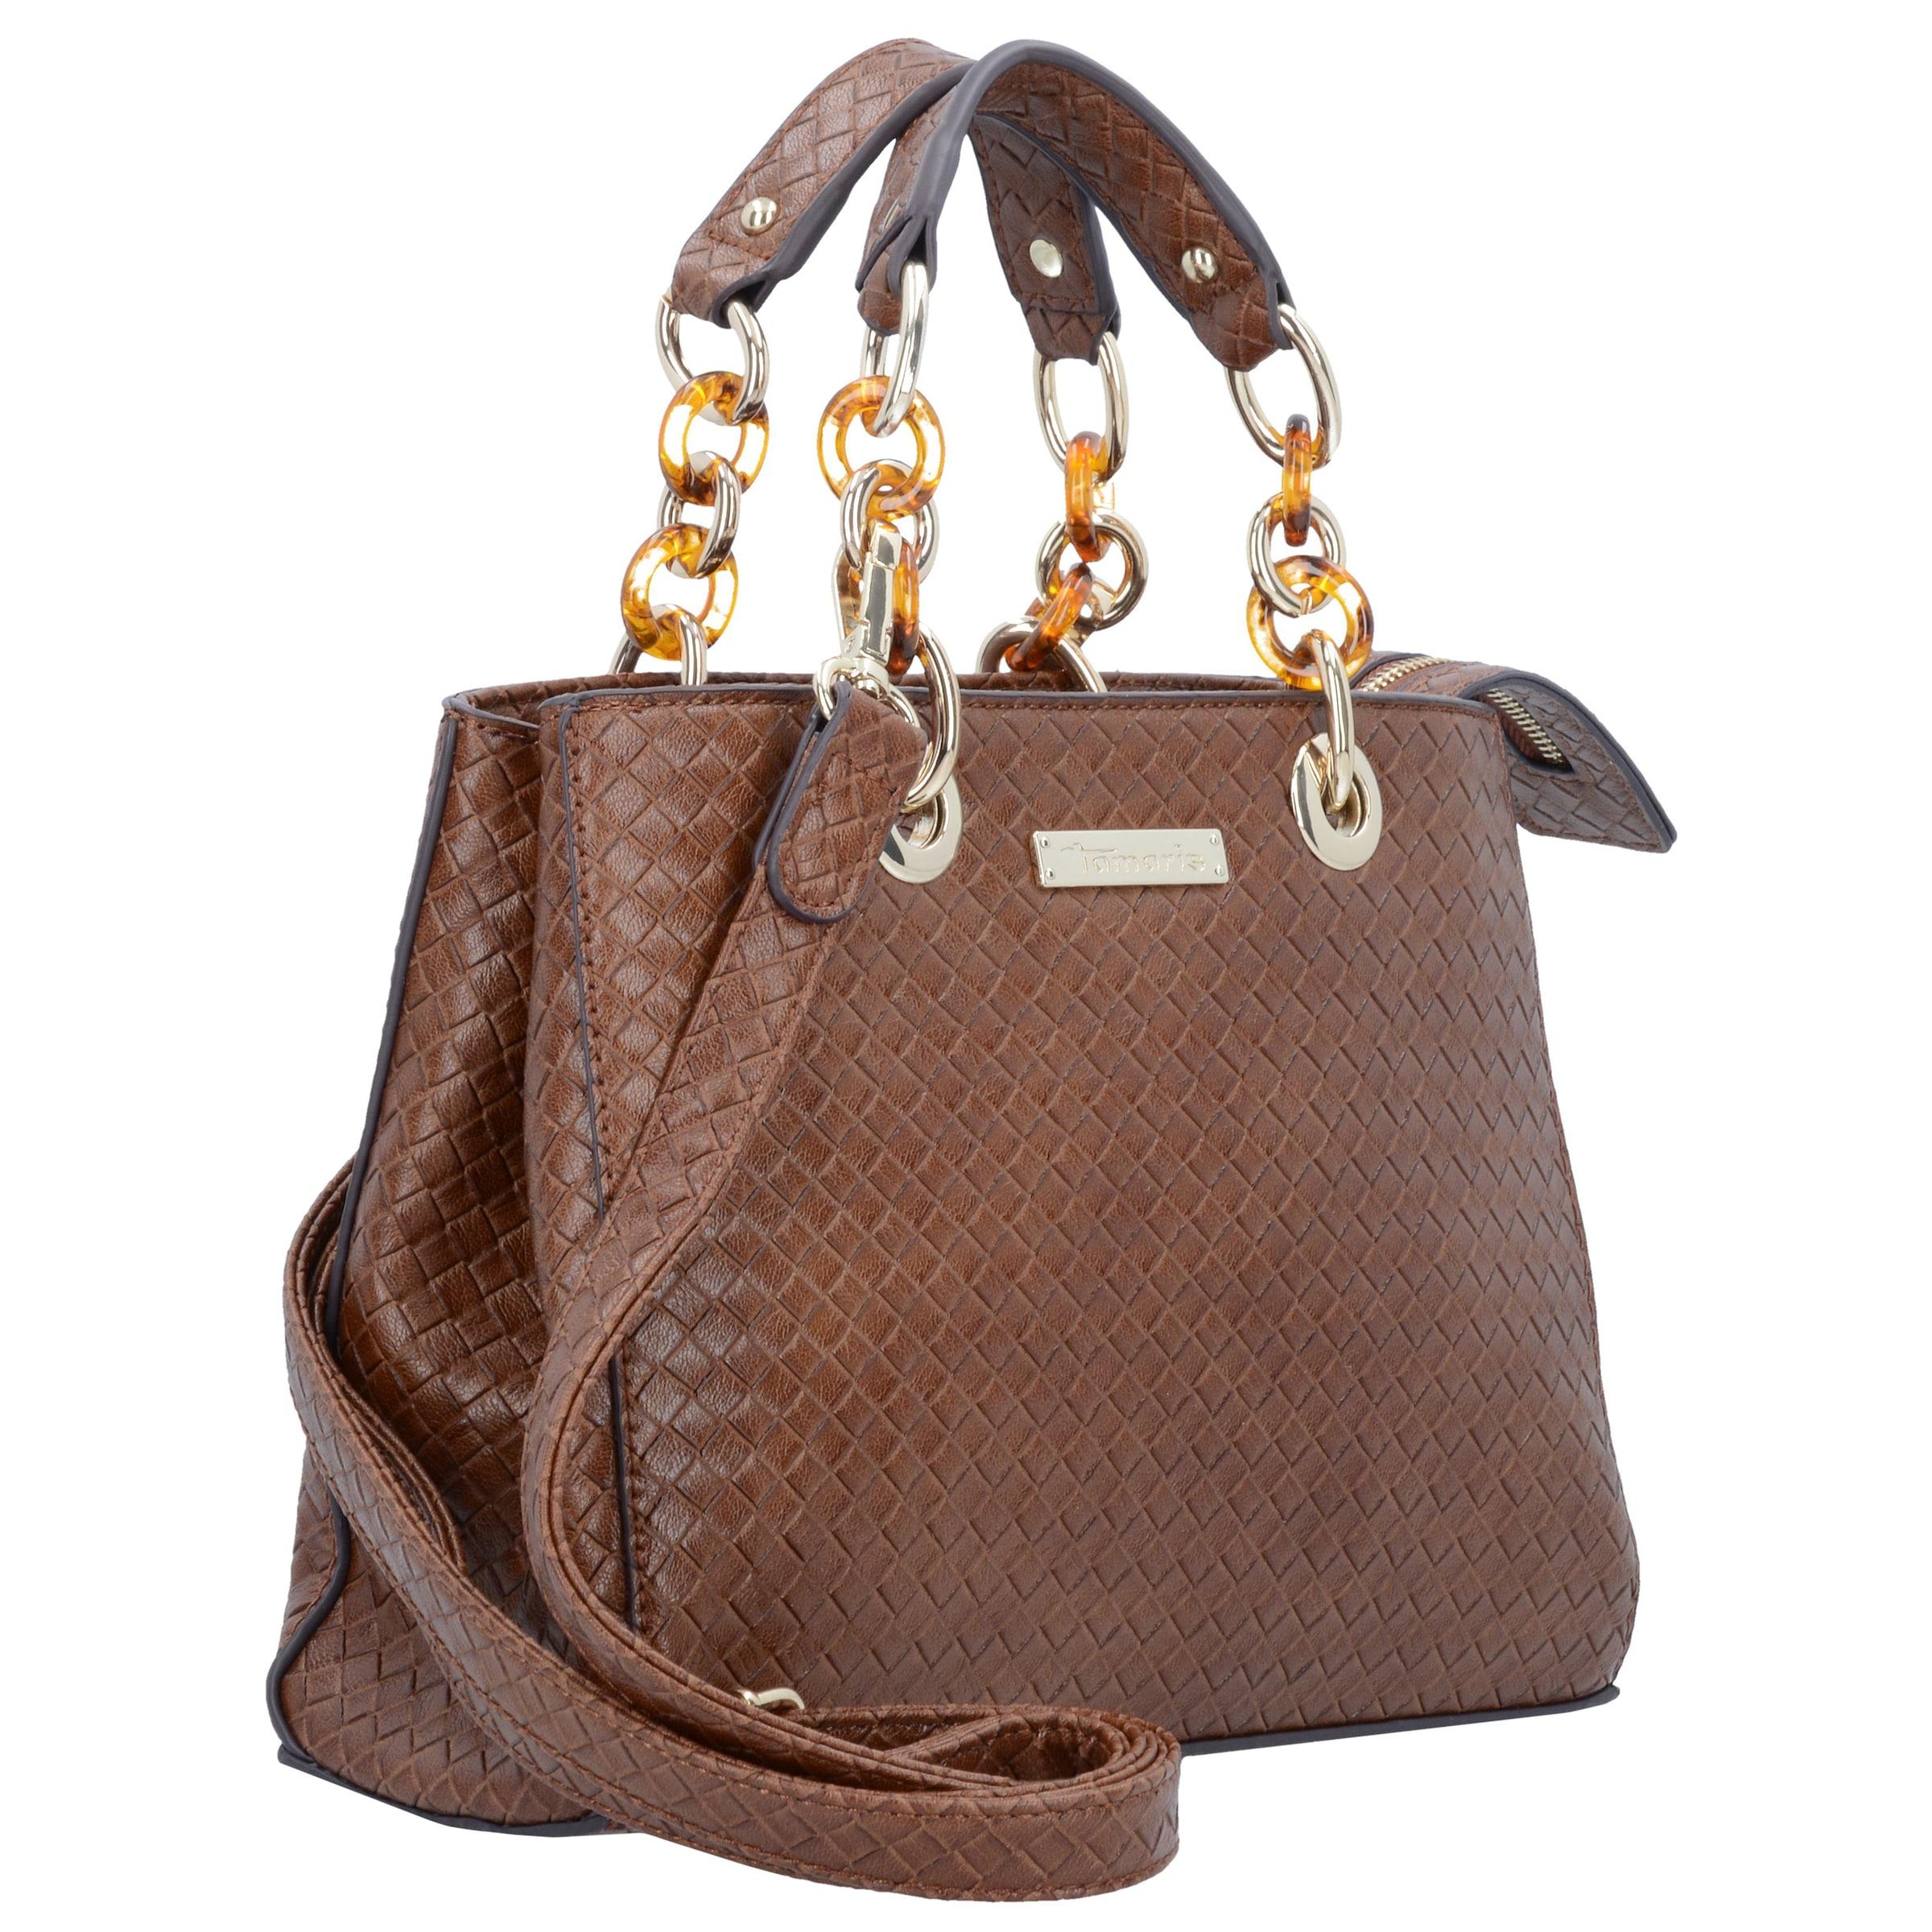 Rania Handtasche cm TAMARIS 27 TAMARIS Rania Handtasche IwxKqSY4t